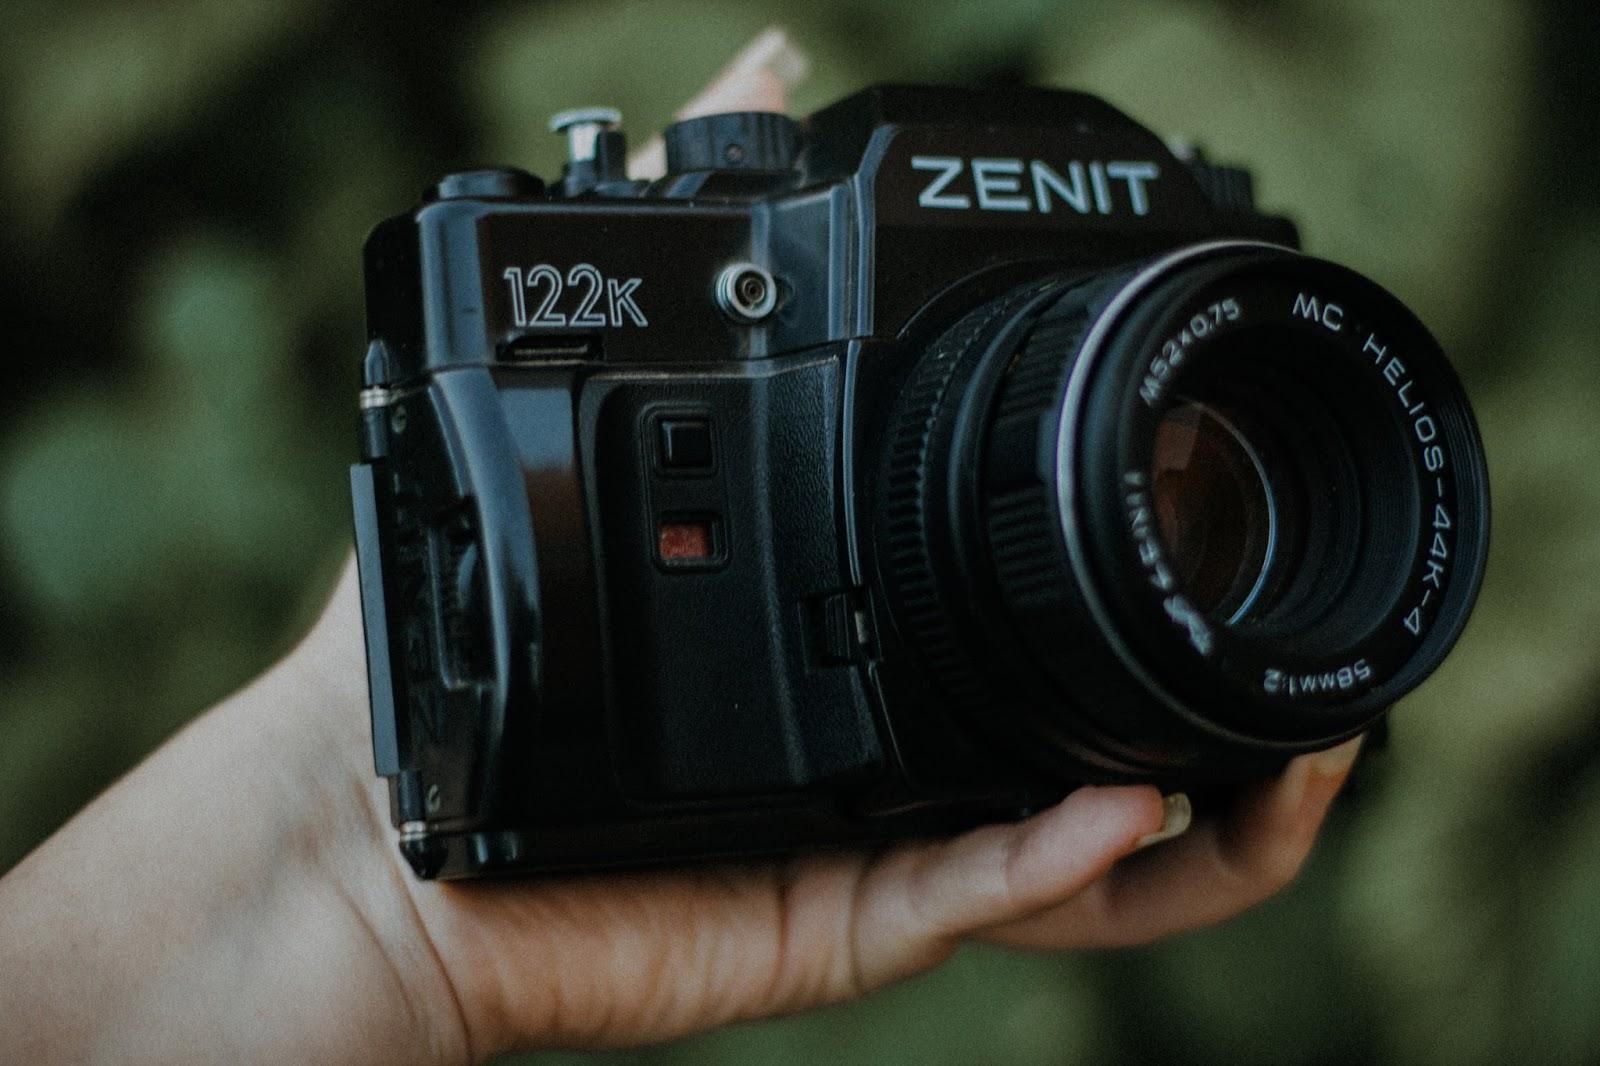 Comprei: Zenit 122. Acostumada com o encaixe da baioneta m42, quase quebrei tentando desenrolar a lente. Aí a inteligente aqui depois de muito fuçar - estava quase chorando e pensando que ia quebrar hahaha -, percebeu aquele botão para tirar a lente hahaha